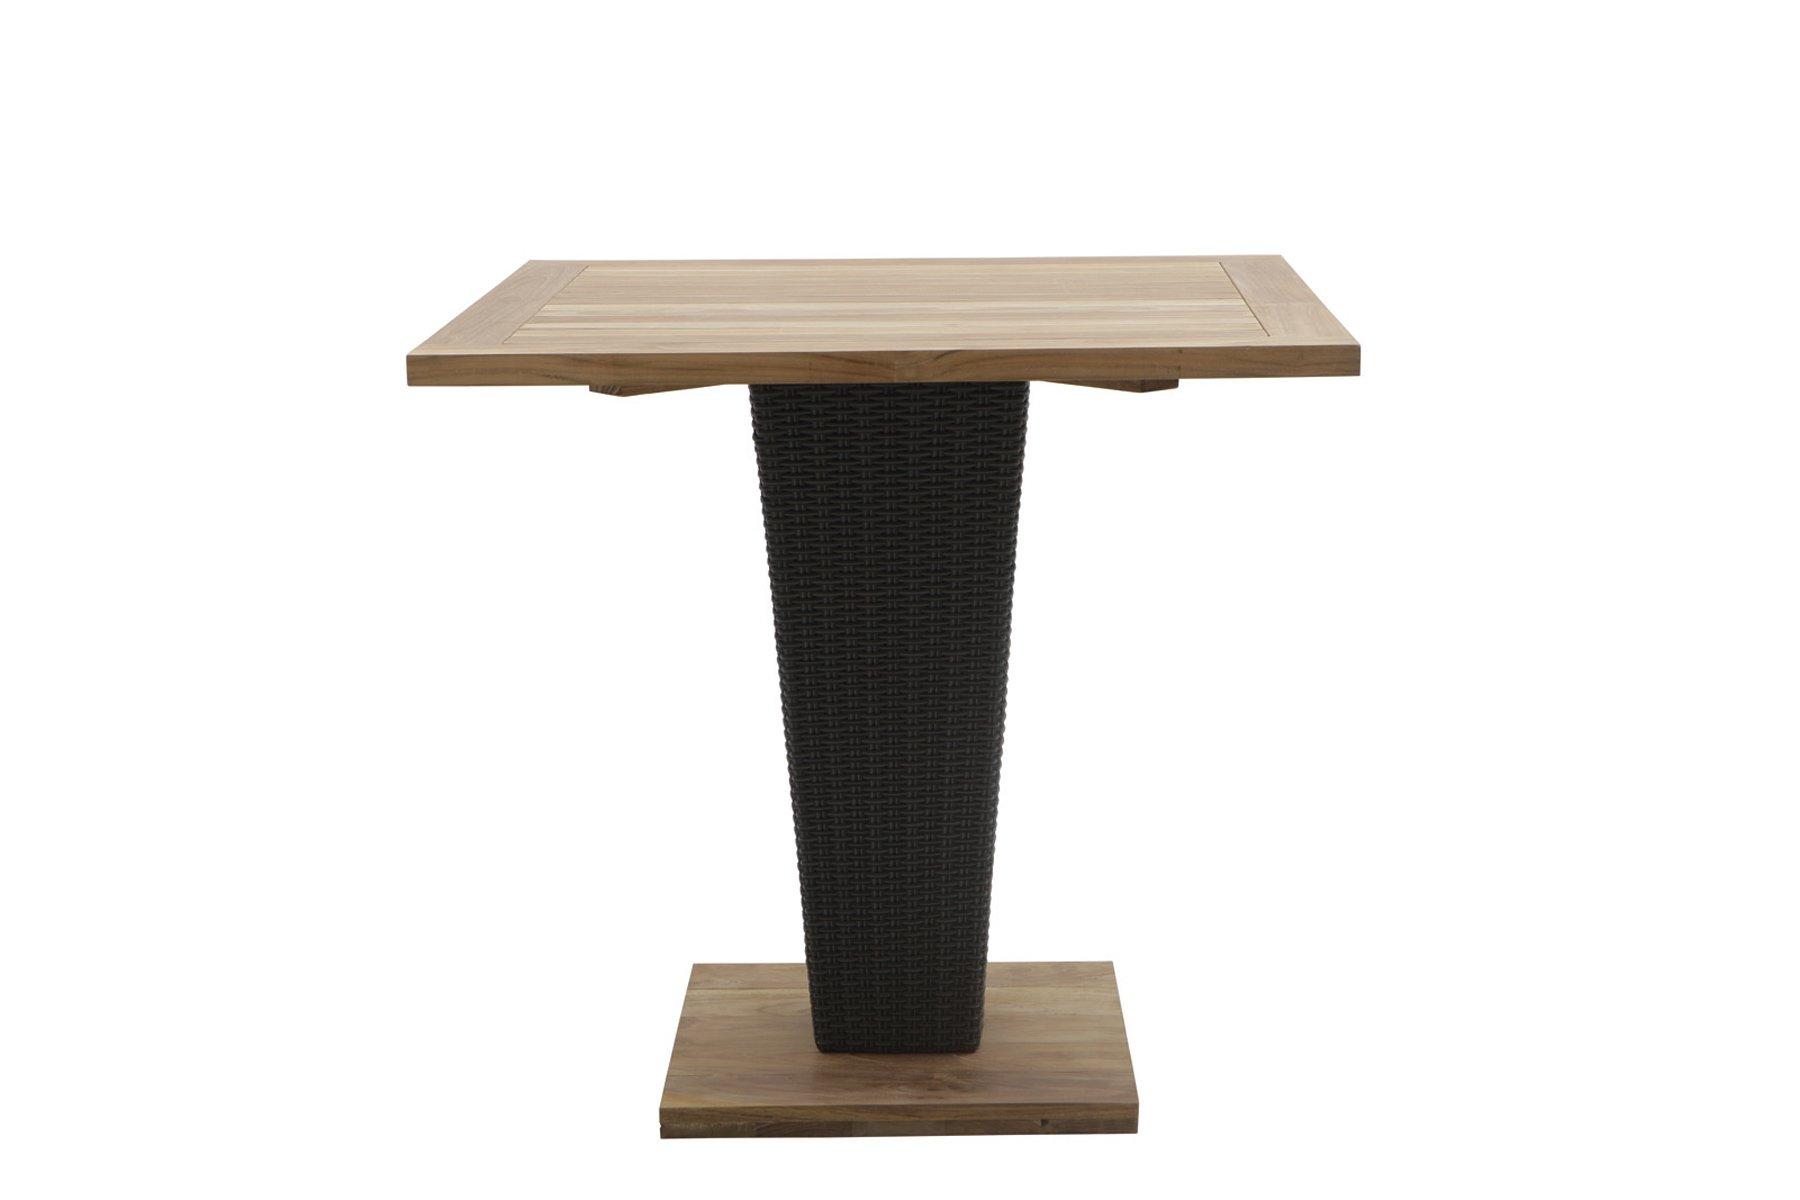 Tavolo Con Gamba Centrale tavolo quadrato a piede centrale sentosa – il giardino di legno